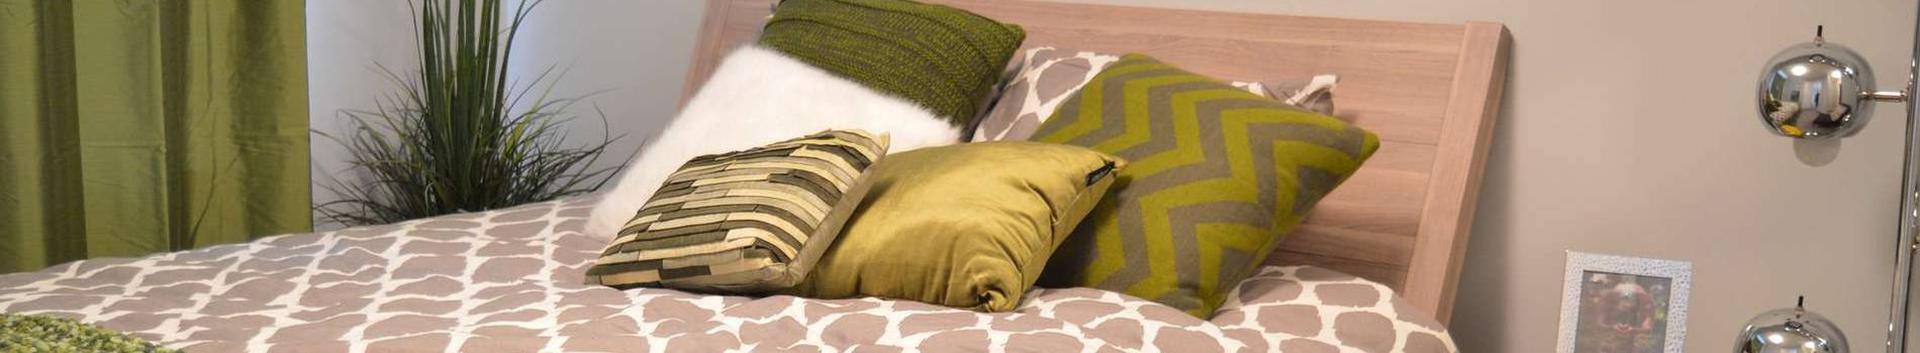 1392_valmis-tekstiiltoodete-tootmine_67641288_xl.jpg